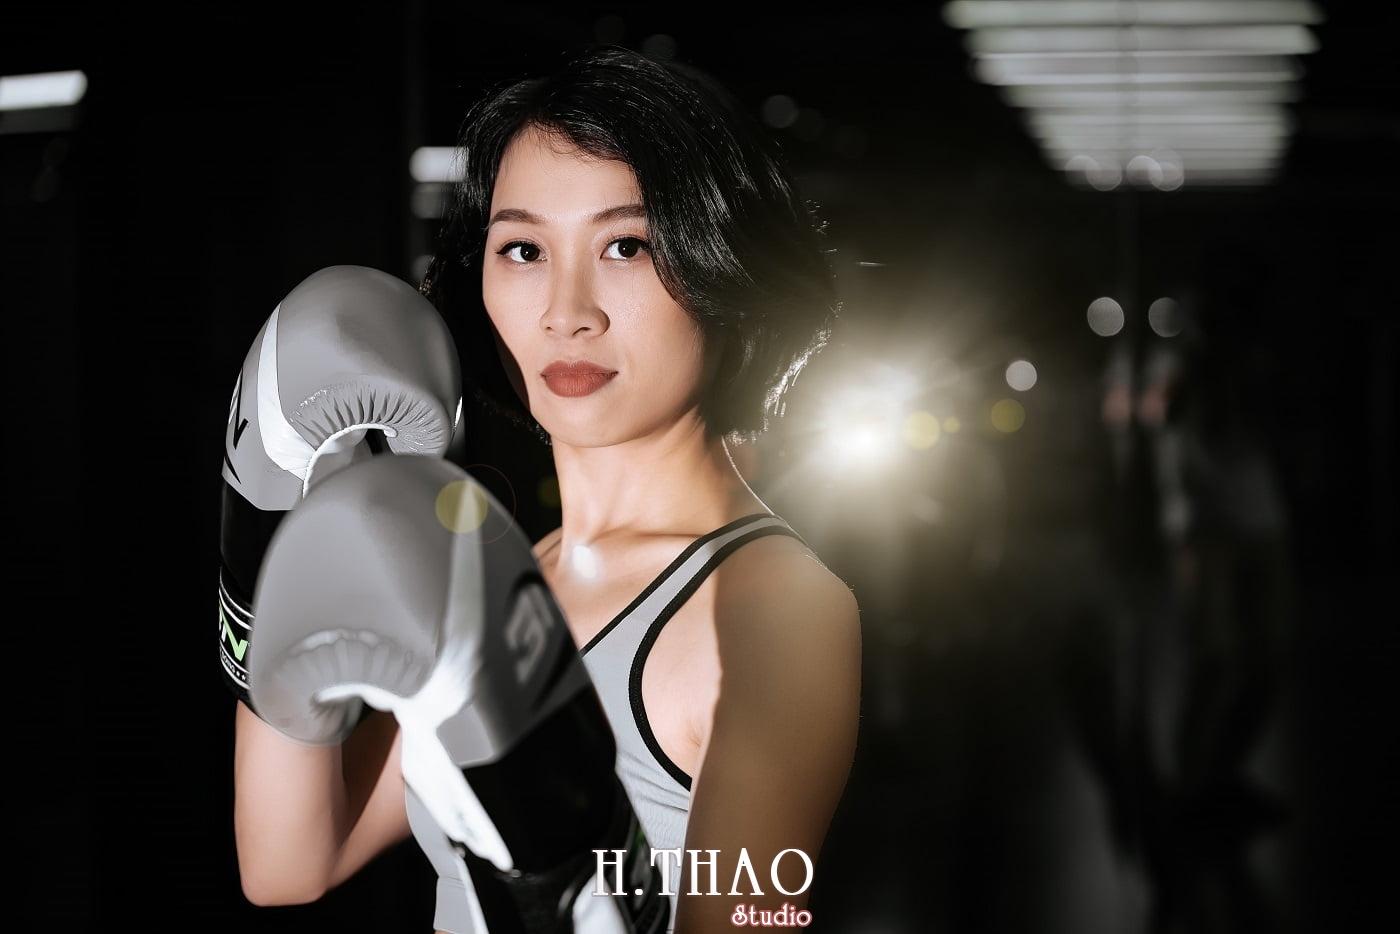 Anh chi Ngoc 2 min - Góc ảnh cô gái mạnh mẽ yêu thích Boxing – HThao Studio